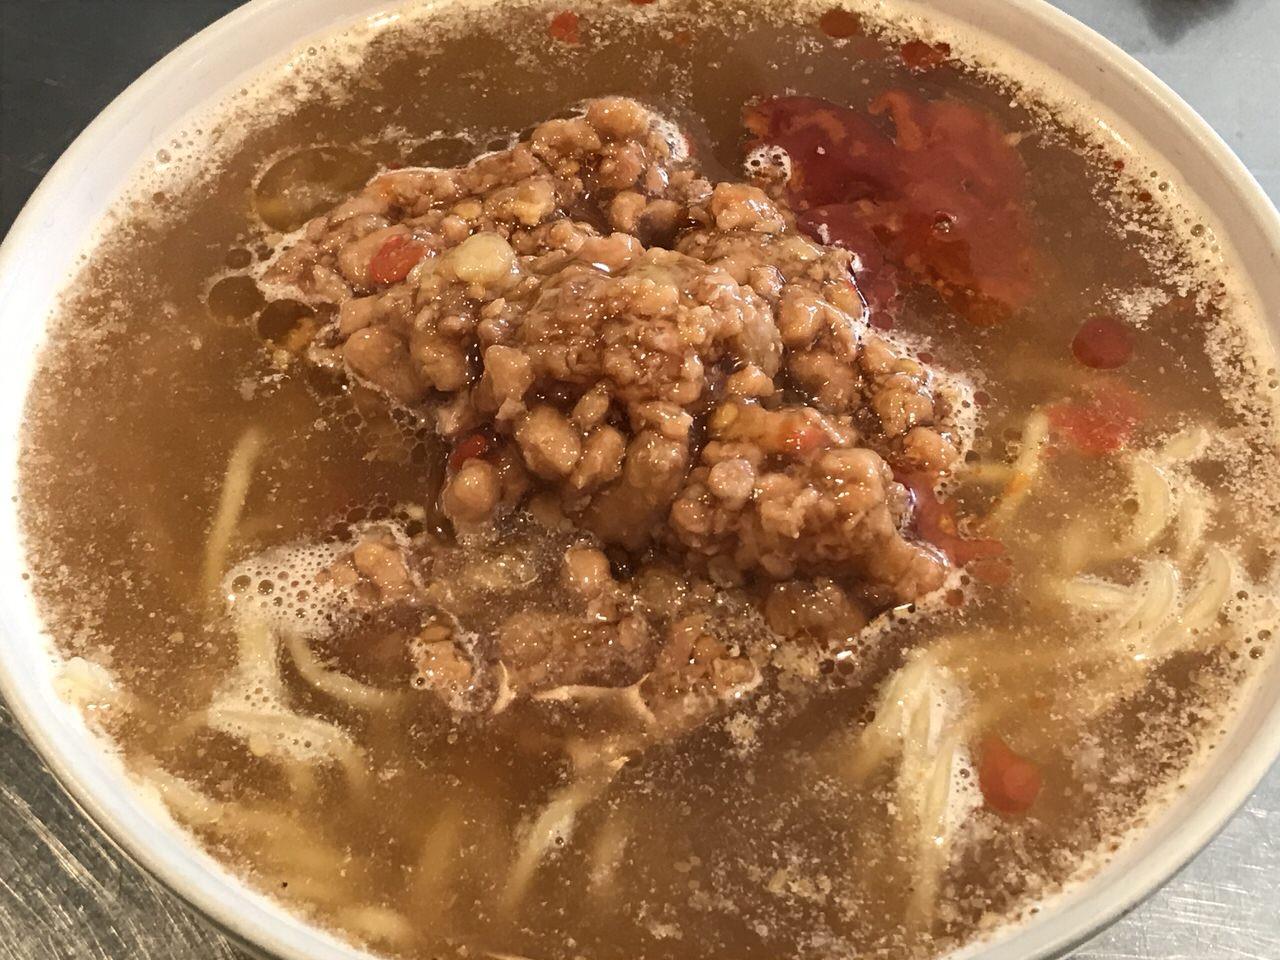 いなばのガパオ缶とラ王でなんちゃって担々麺 3